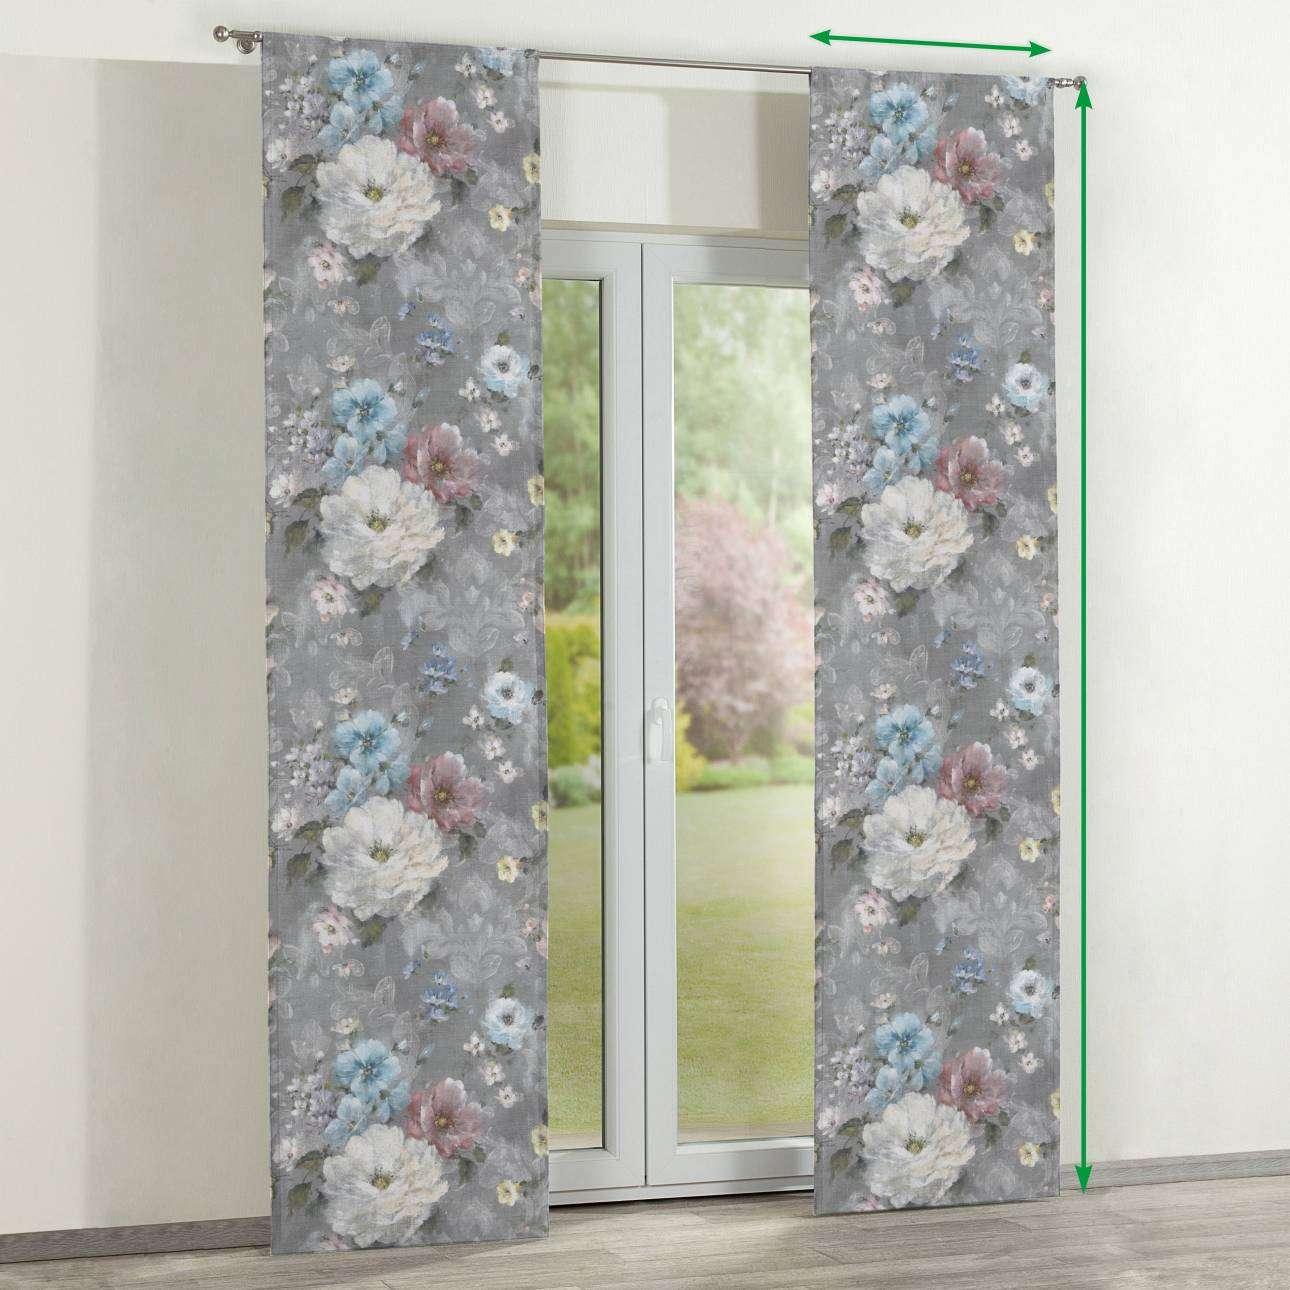 Závěsy panelové 2 kusy v kolekci Monet, látka: 137-81